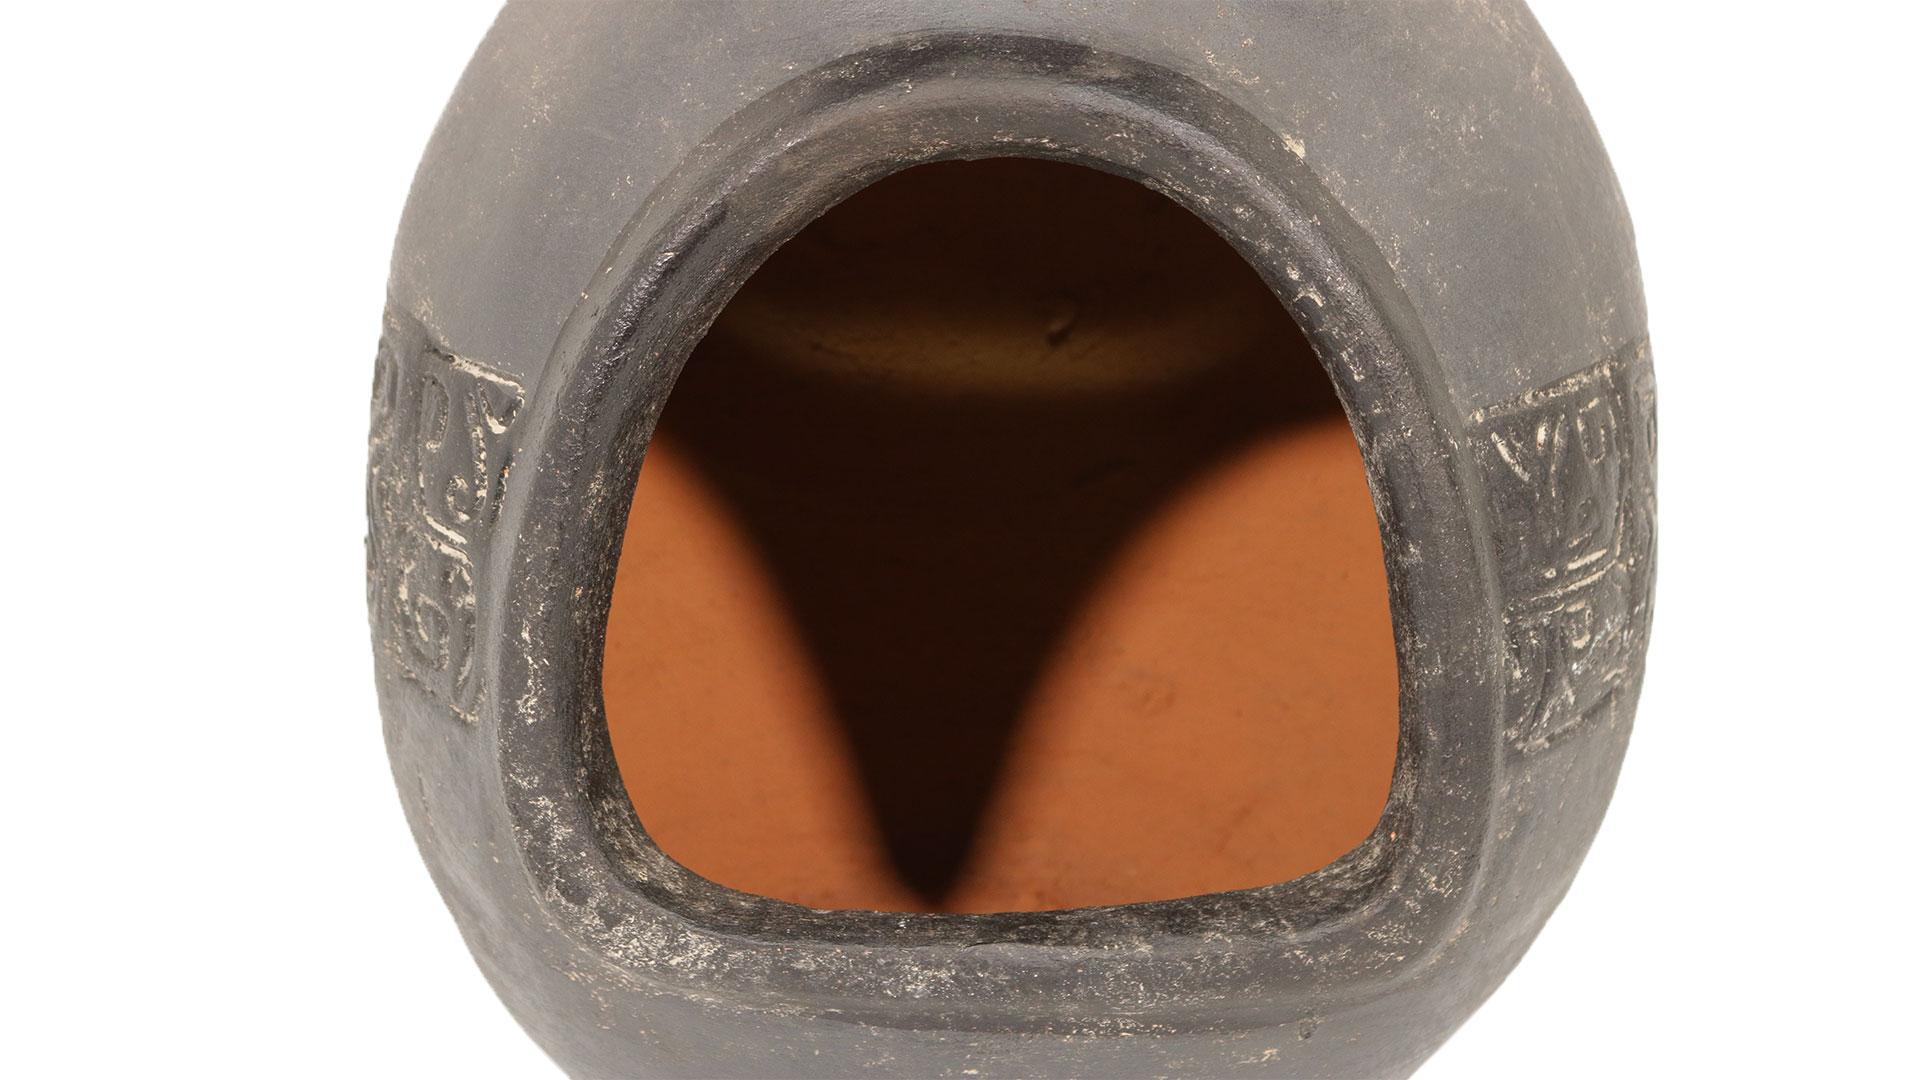 メキシコ製の暖炉型チムニーmch8880の炭の入り口